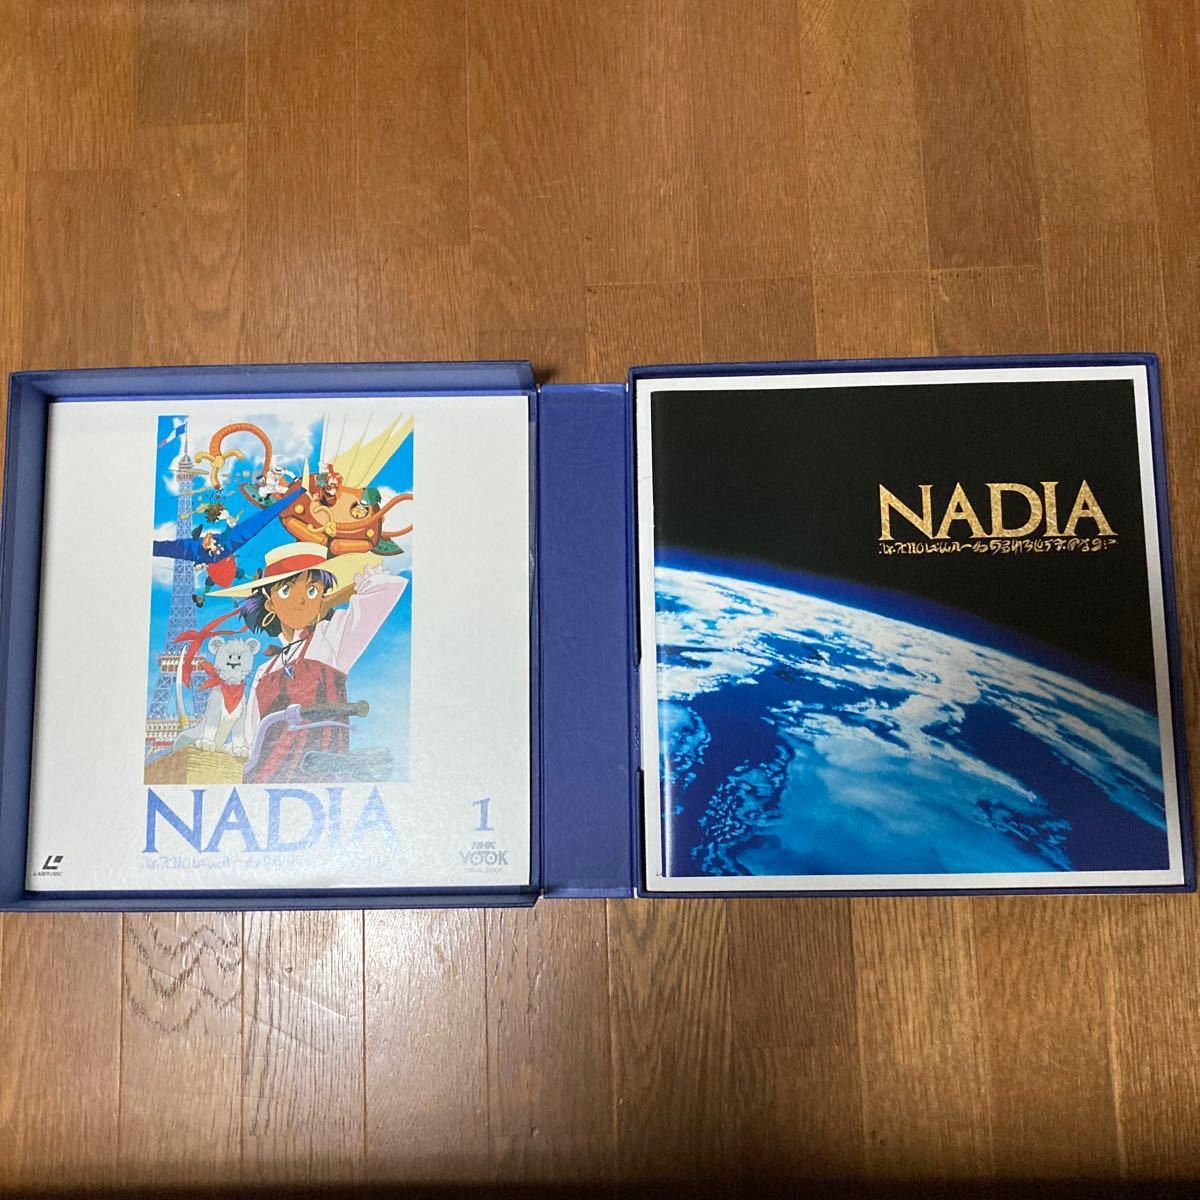 ふしぎの海のナディア パーフェクトコレクション LD-BOX 輸送箱付き